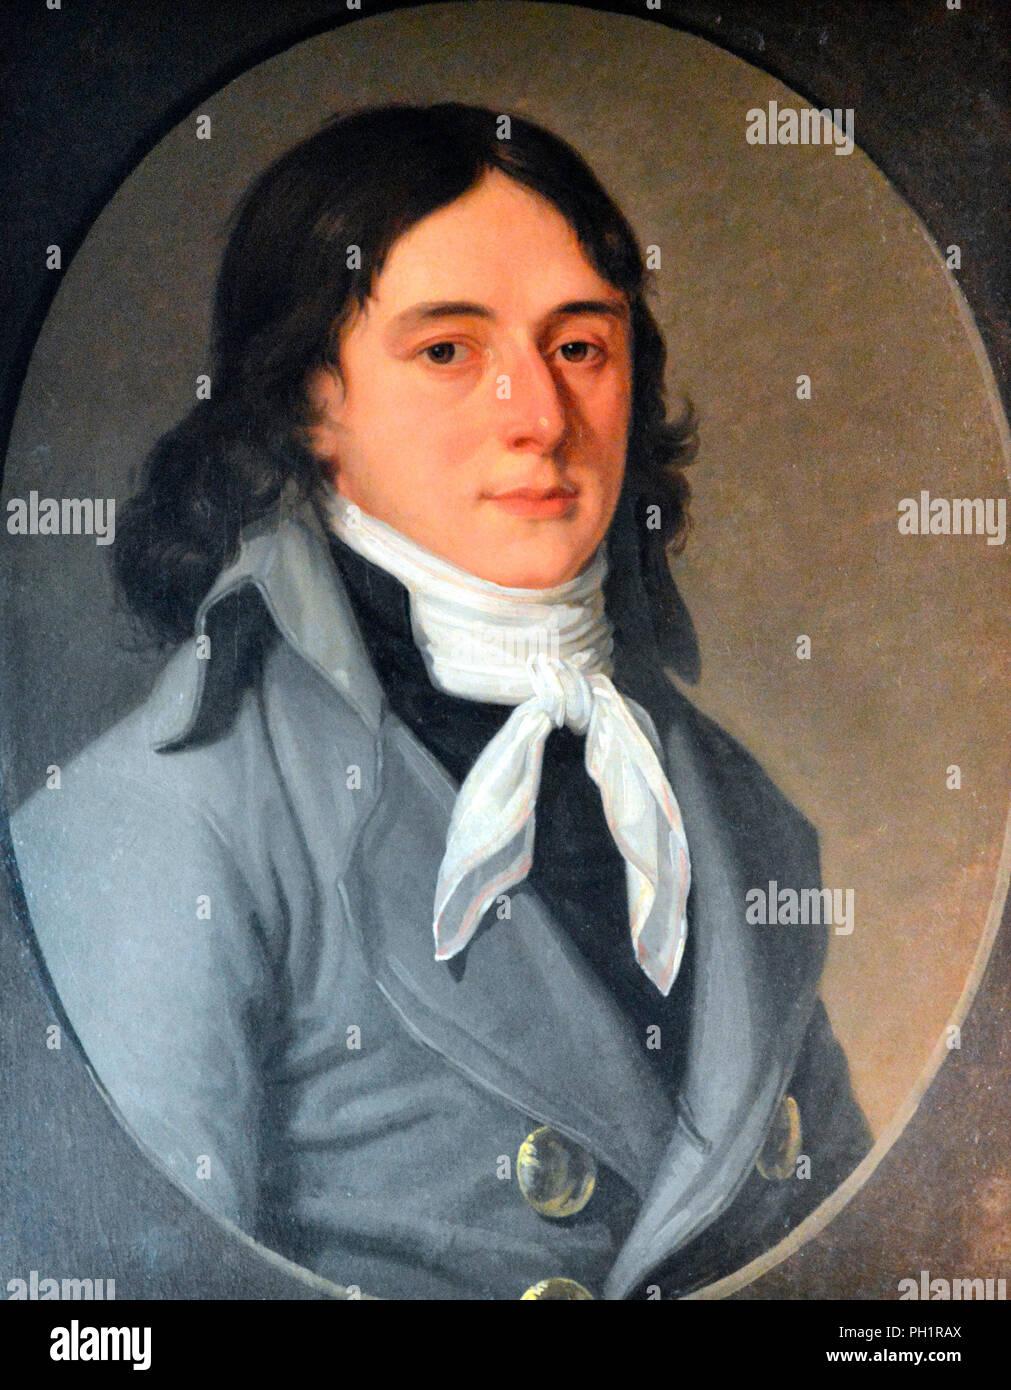 Camille Desmoulins - era un giornalista e un politico che ha giocato un ruolo importante nella Rivoluzione Francese. Immagini Stock